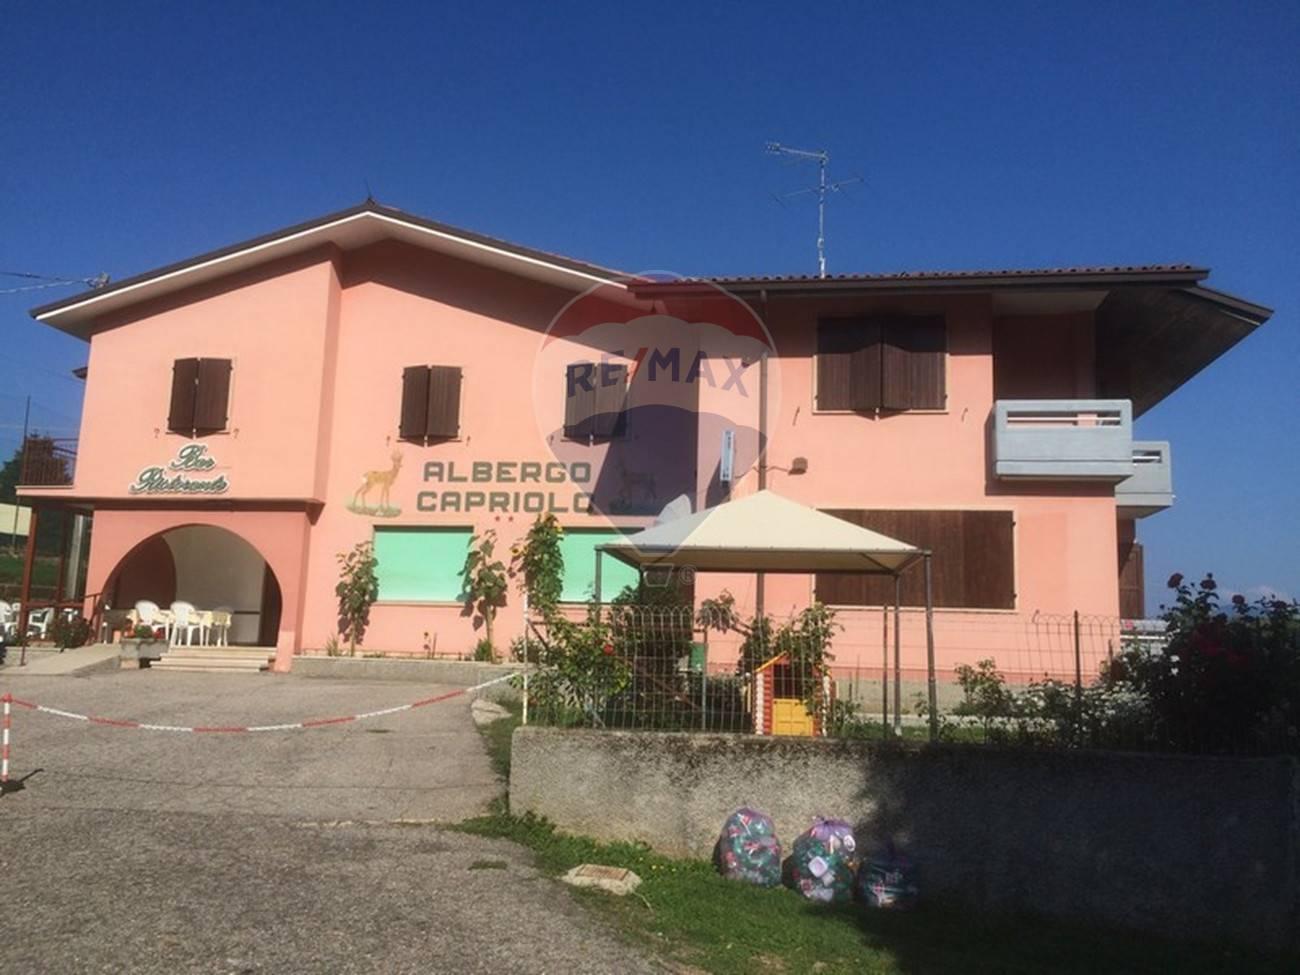 Albergo in vendita a San Zeno di Montagna, 9999 locali, prezzo € 725.000 | CambioCasa.it